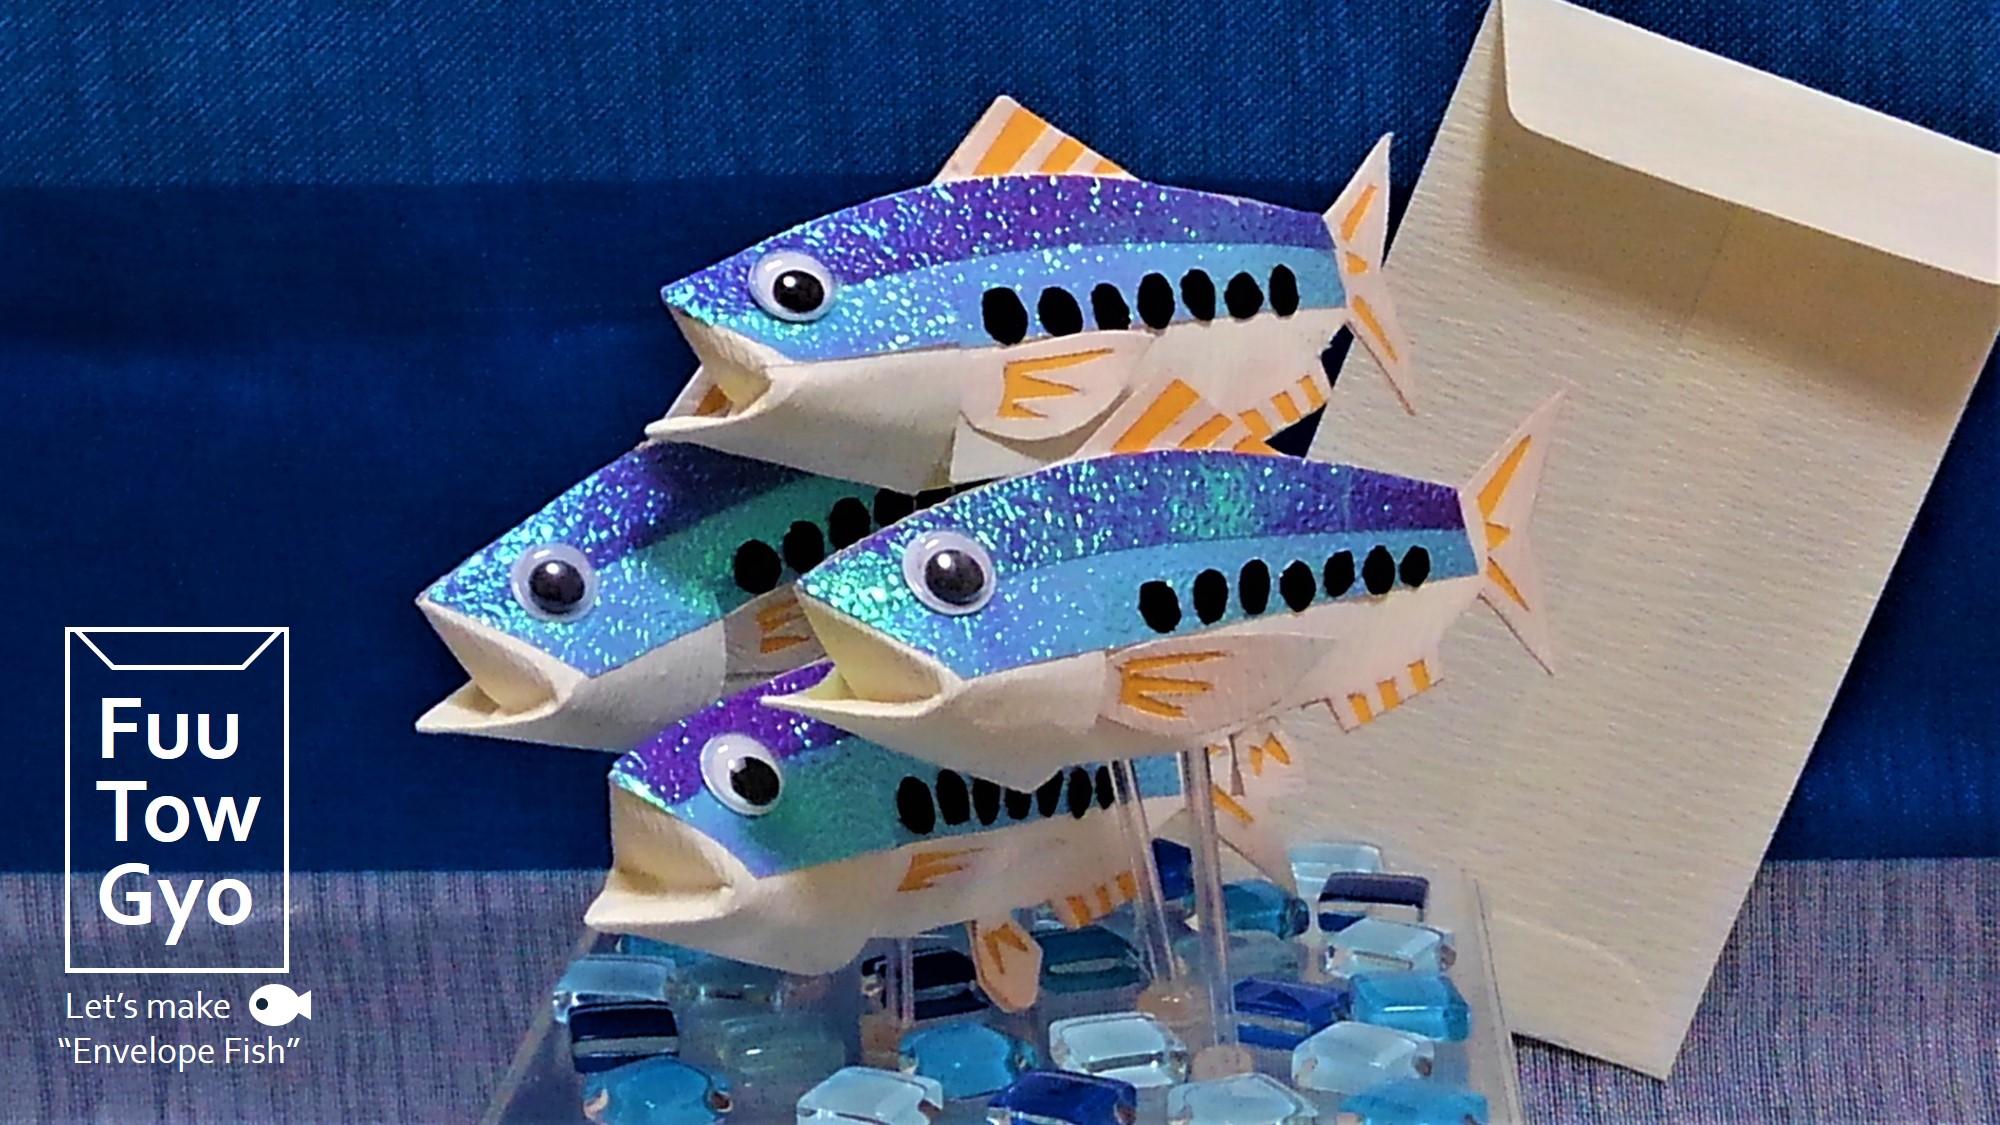 日本动手高玩新花样 信封制作封筒鱼独特魅力引热赞